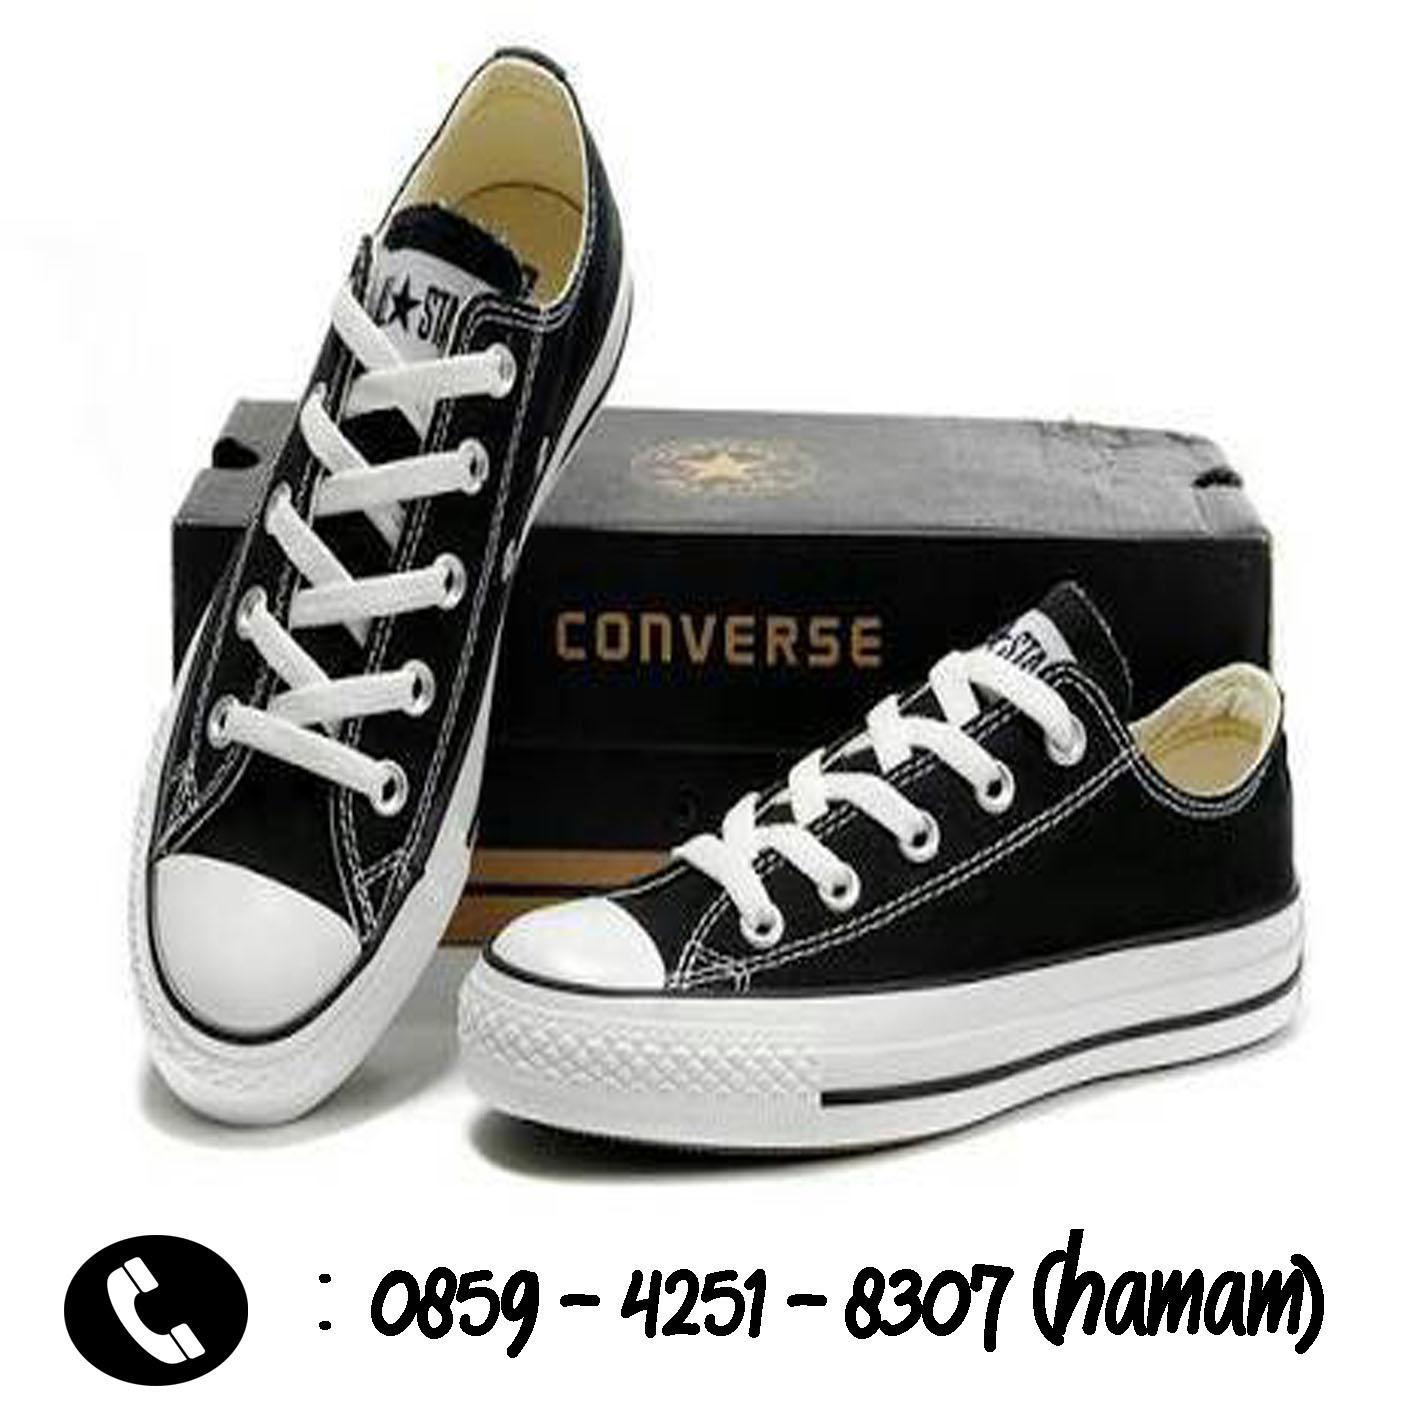 06b5e16b0938 Sepatu Converse All Star KW Super Murah - Jual Sepatu Converse ...